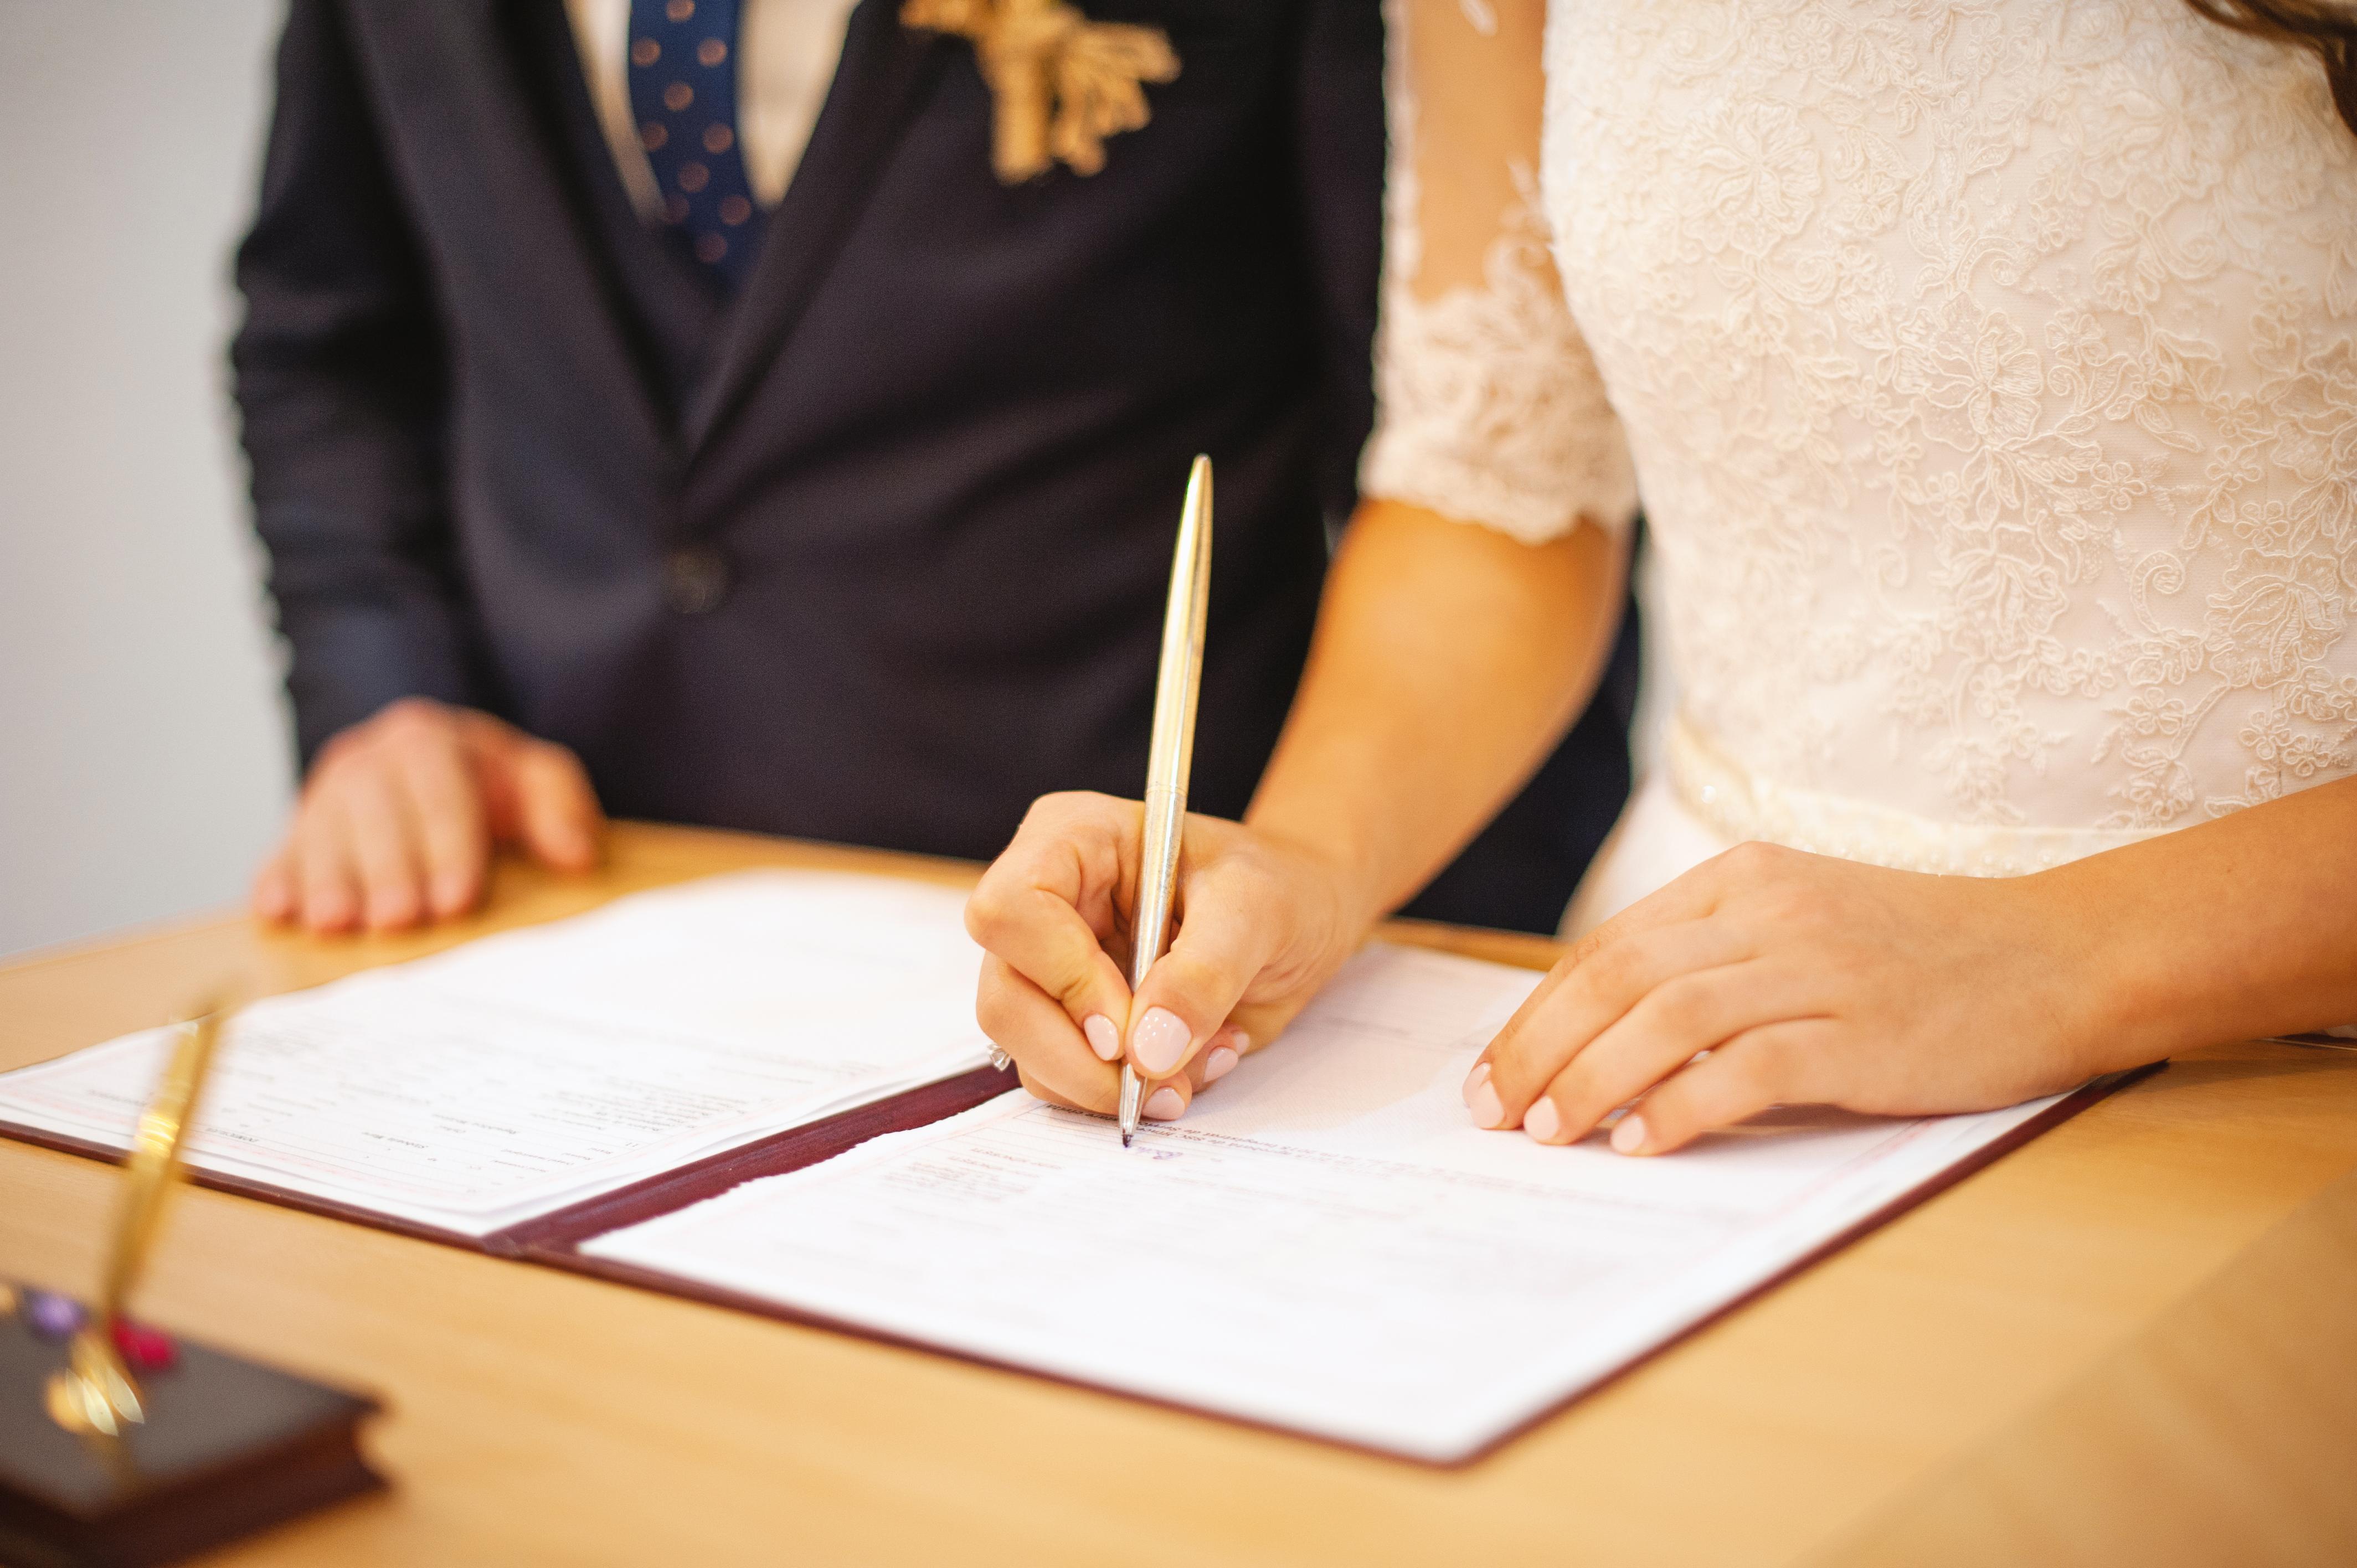 Вступление в брак как возможность получить гражданство Польши